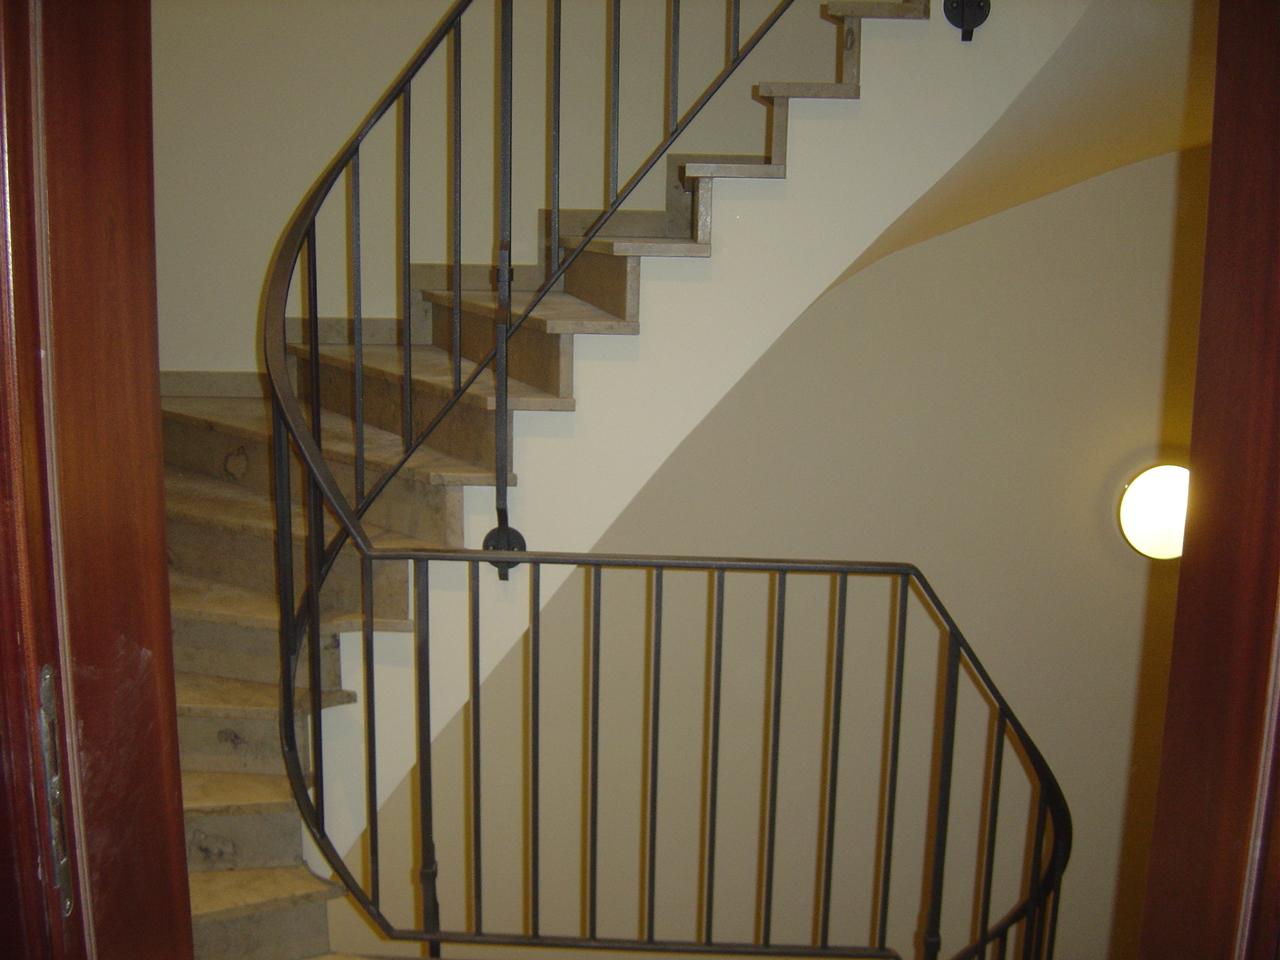 Treppengeländer_03